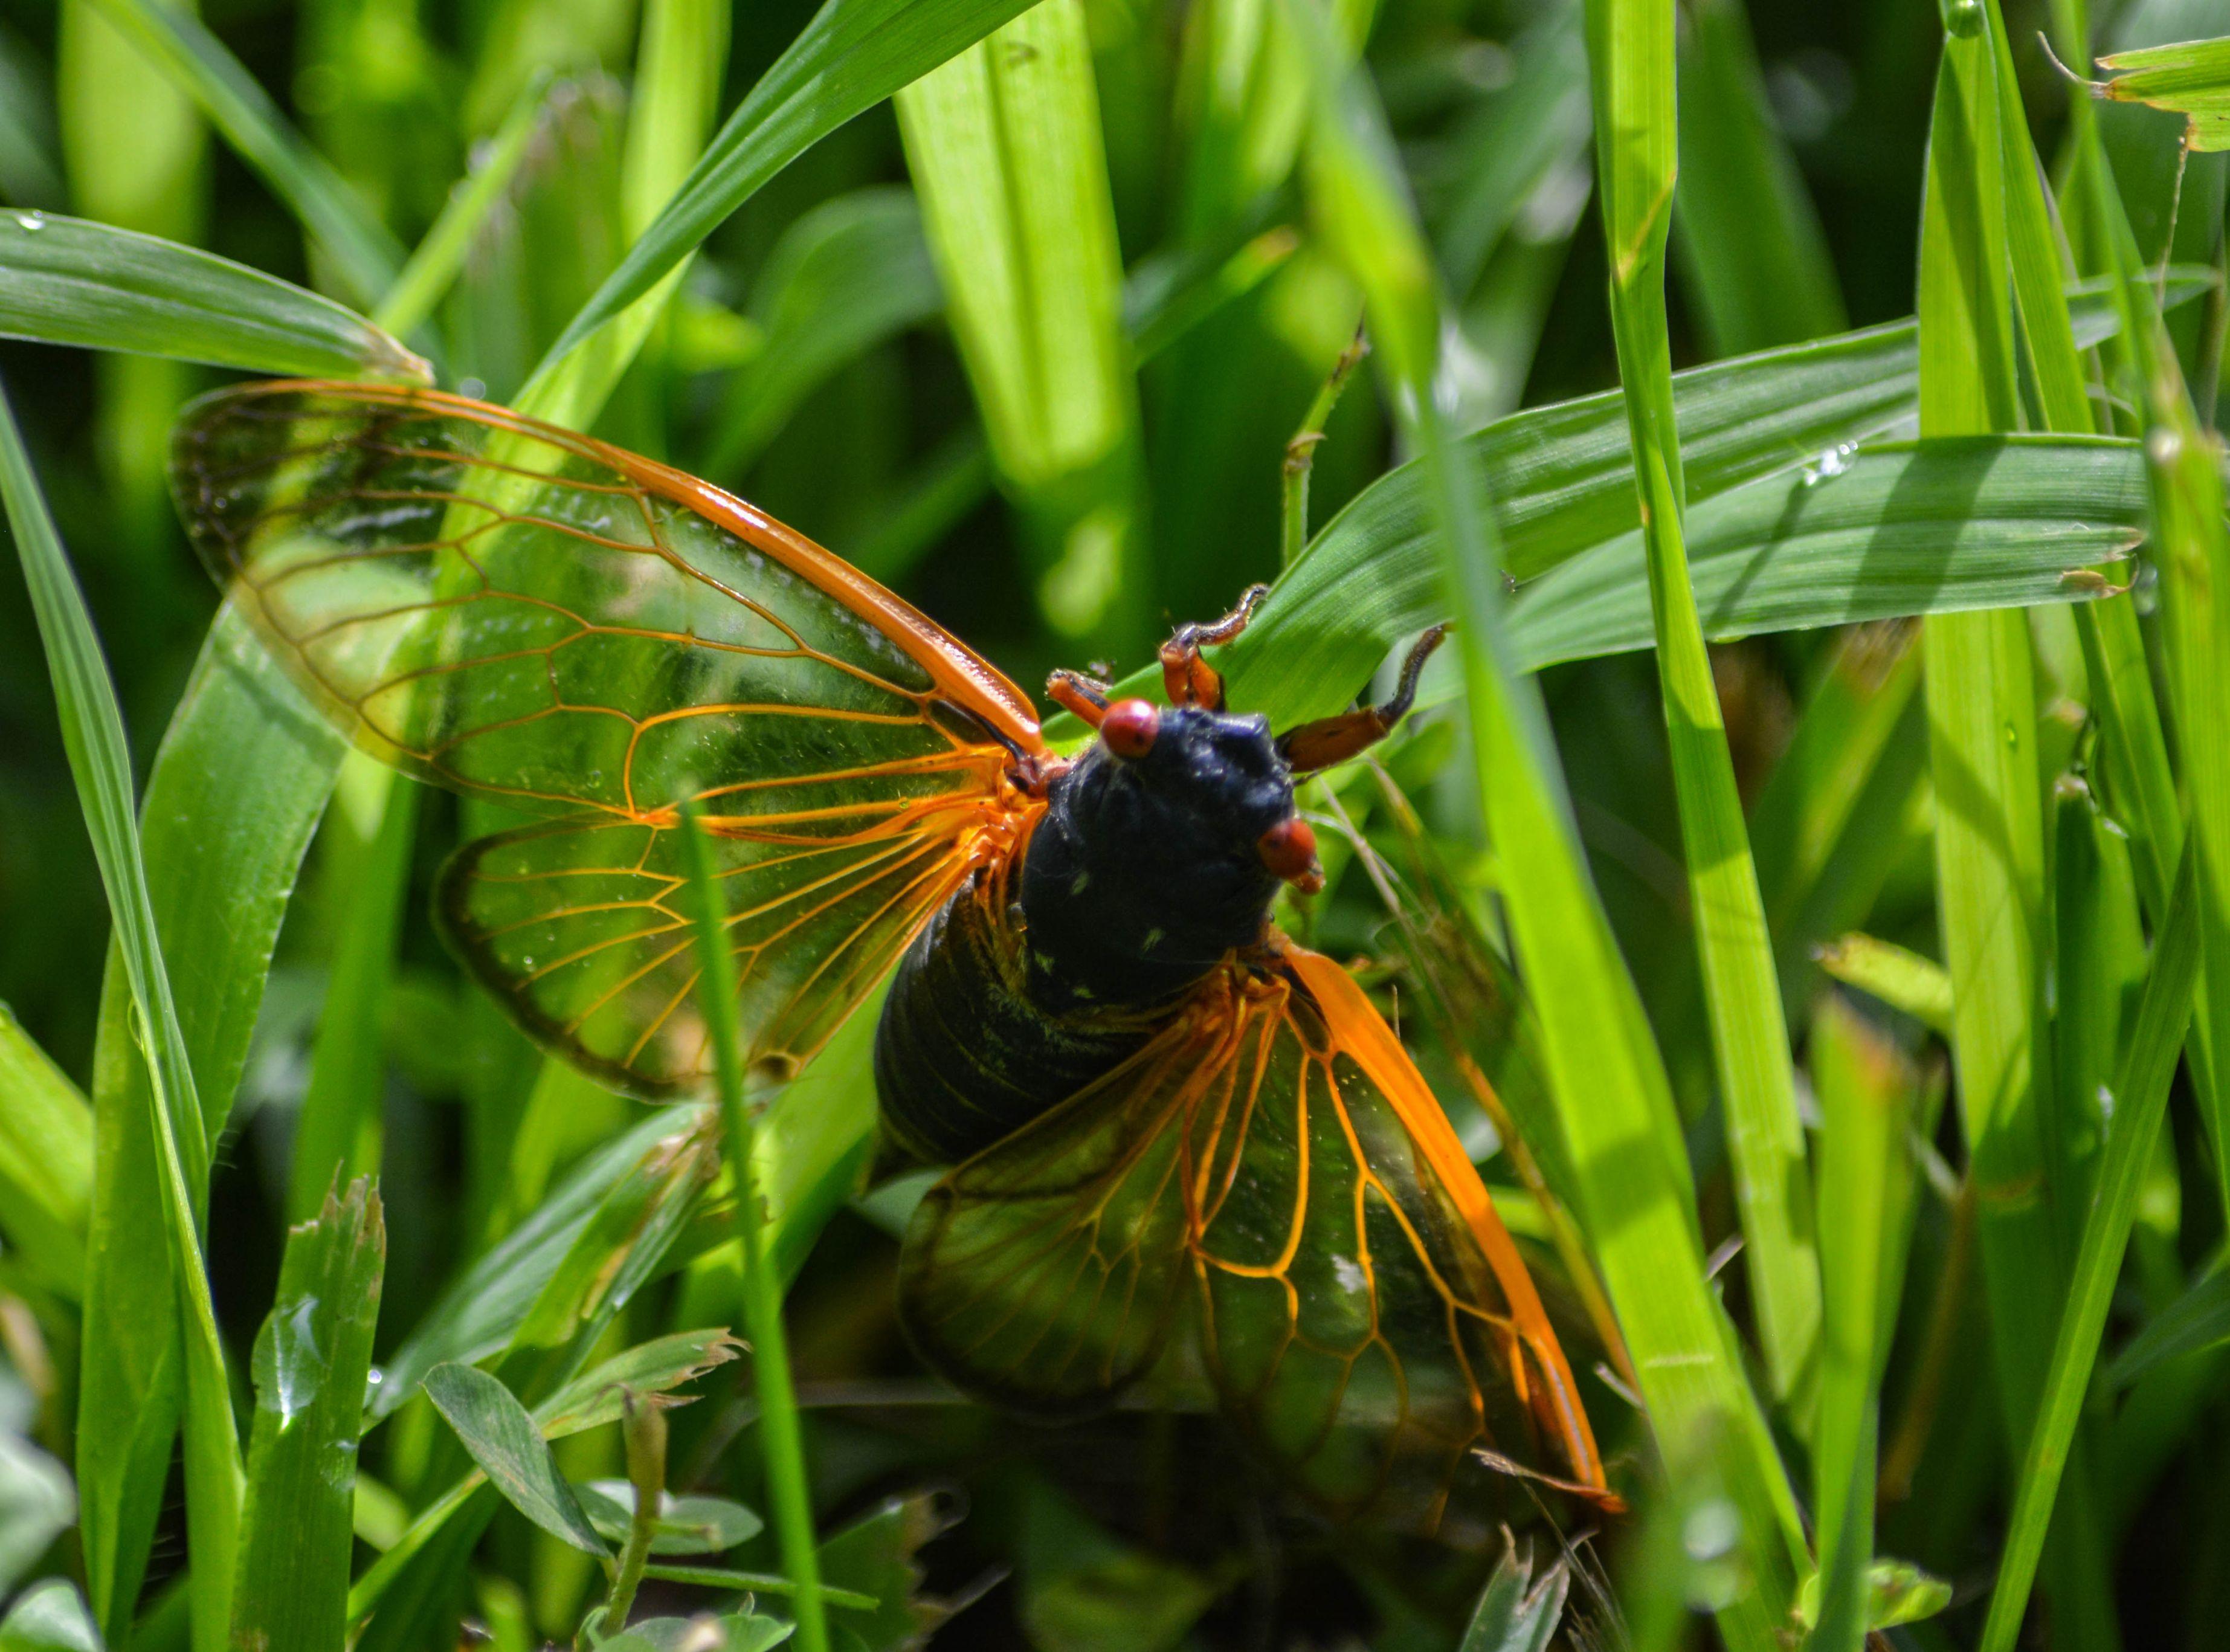 17-Year-Cicada